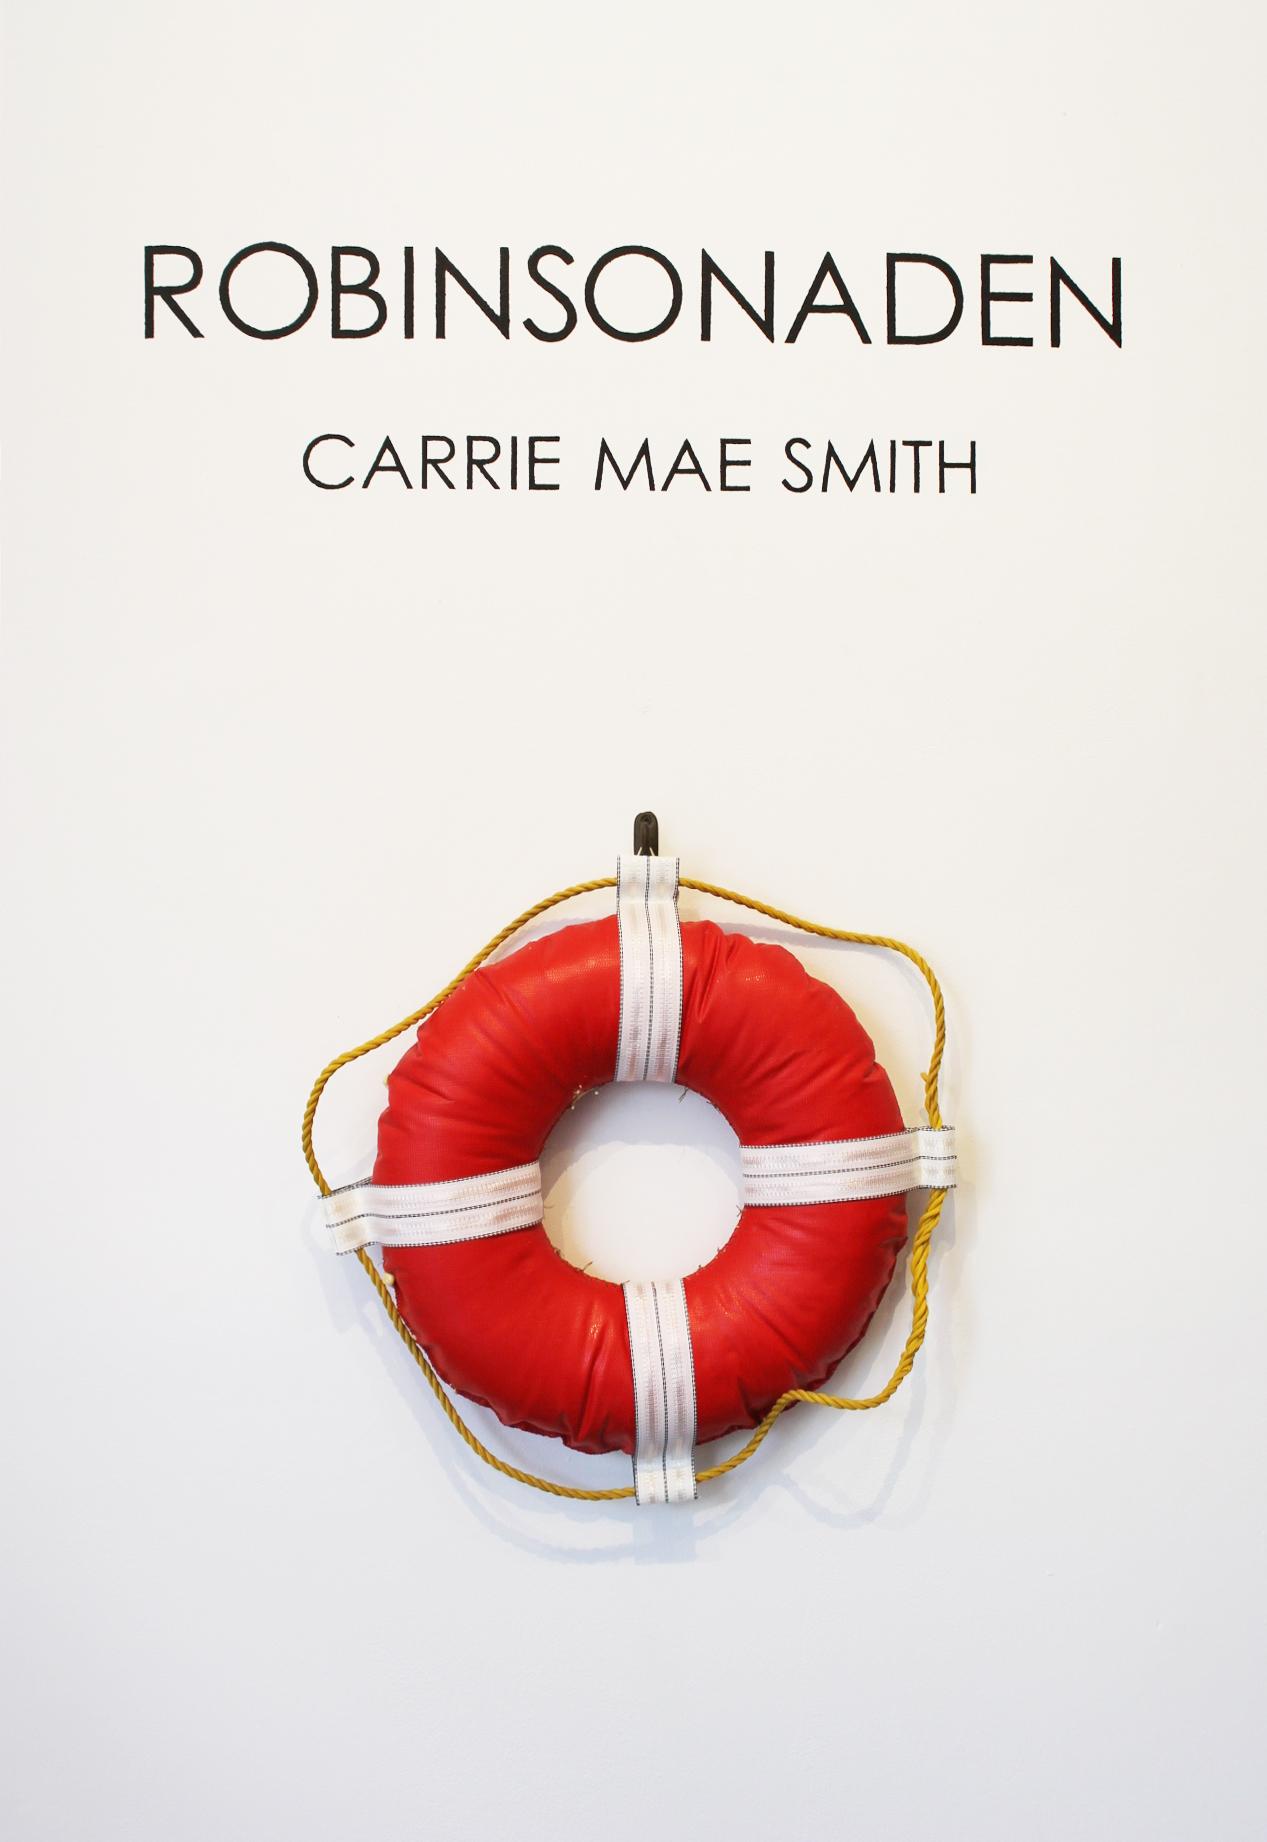 Robinsonaden (1).jpg